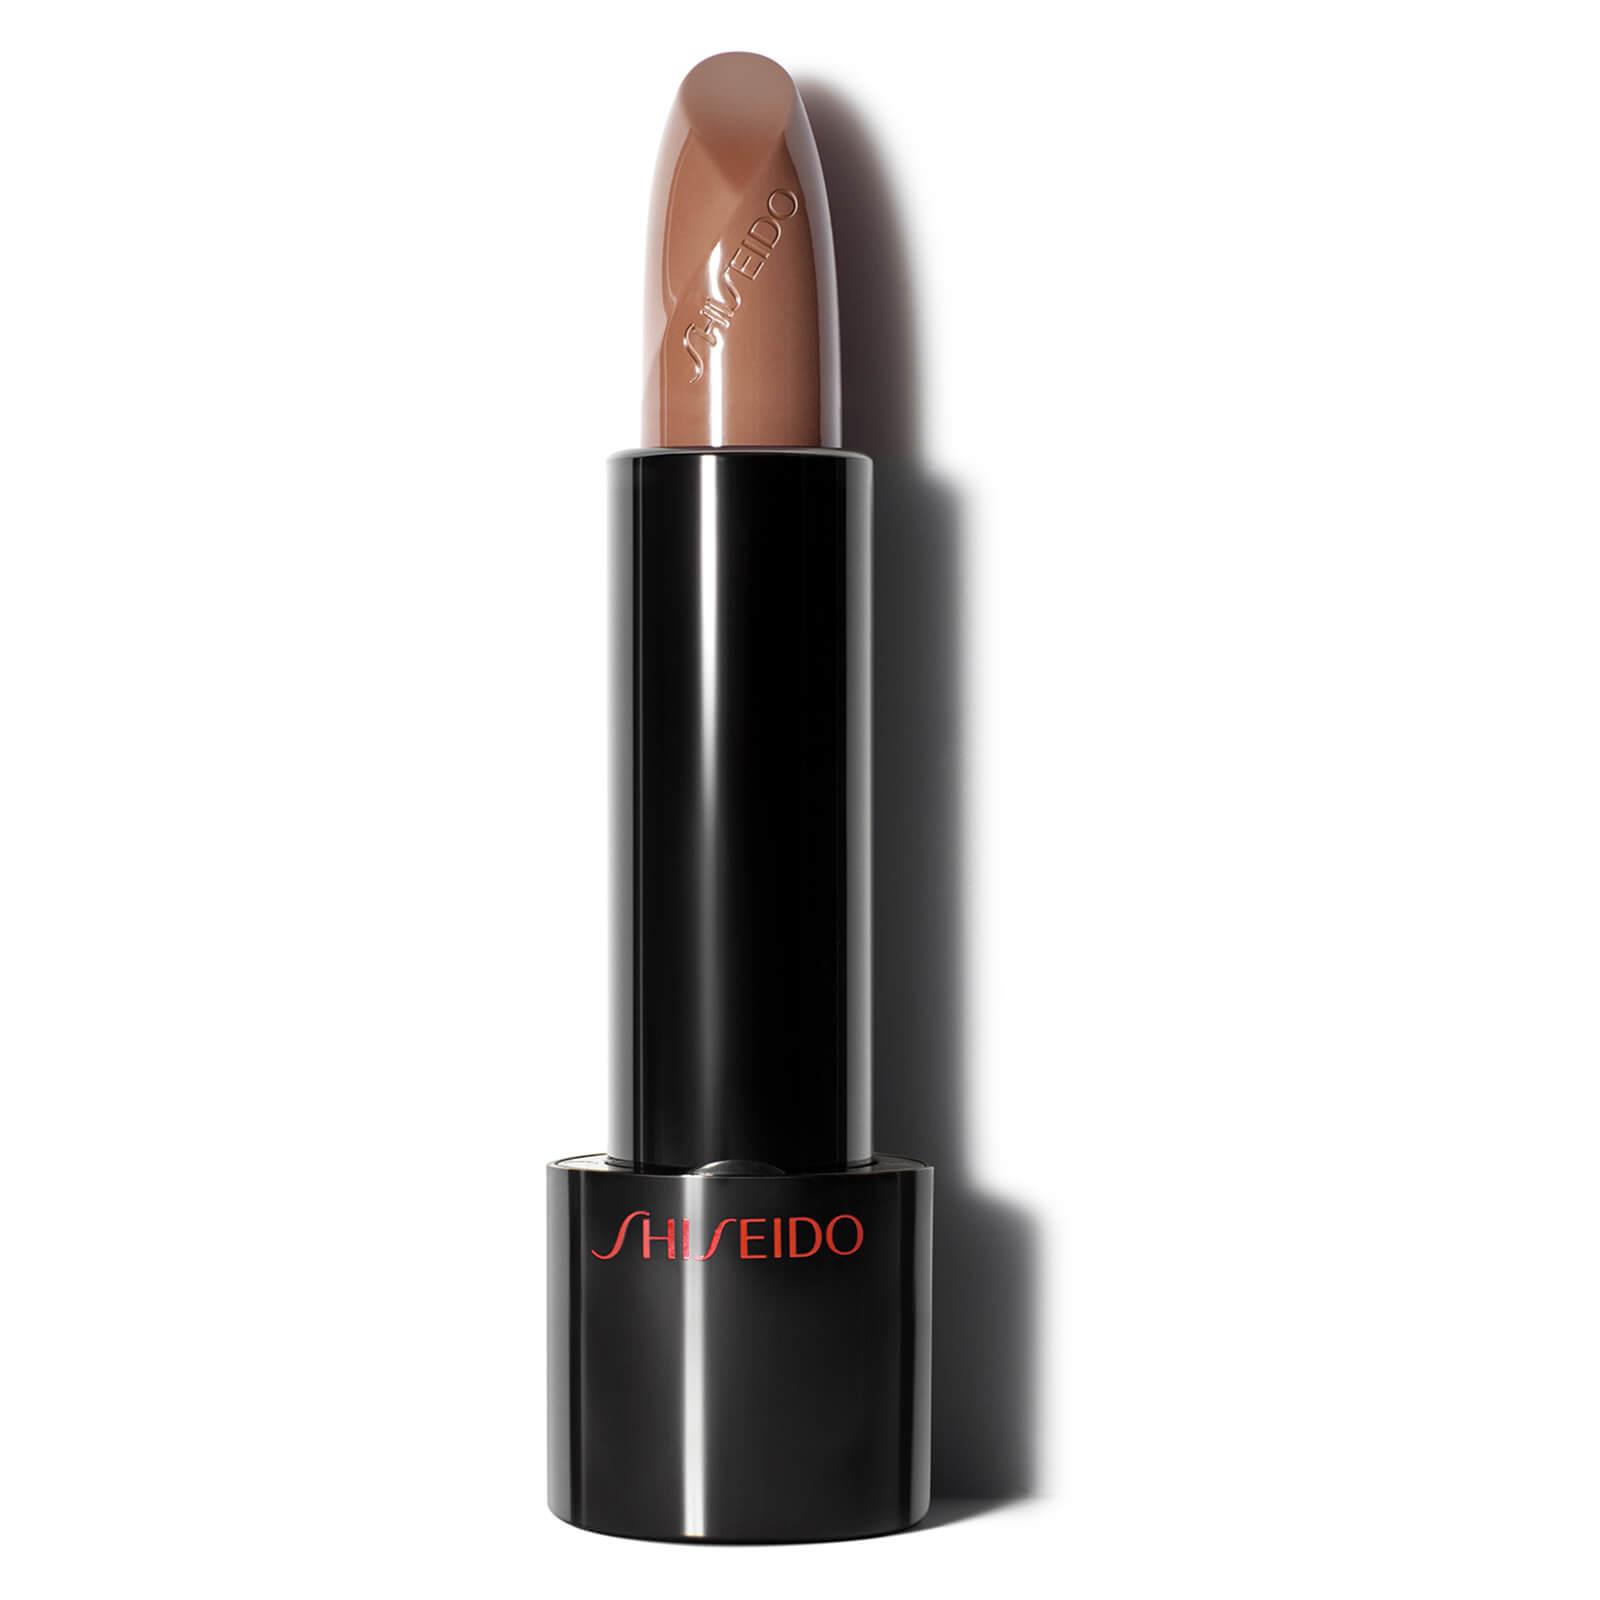 Shiseido Rouge Rouge Lipstick 4g (Various Shades) - Desert Quartz